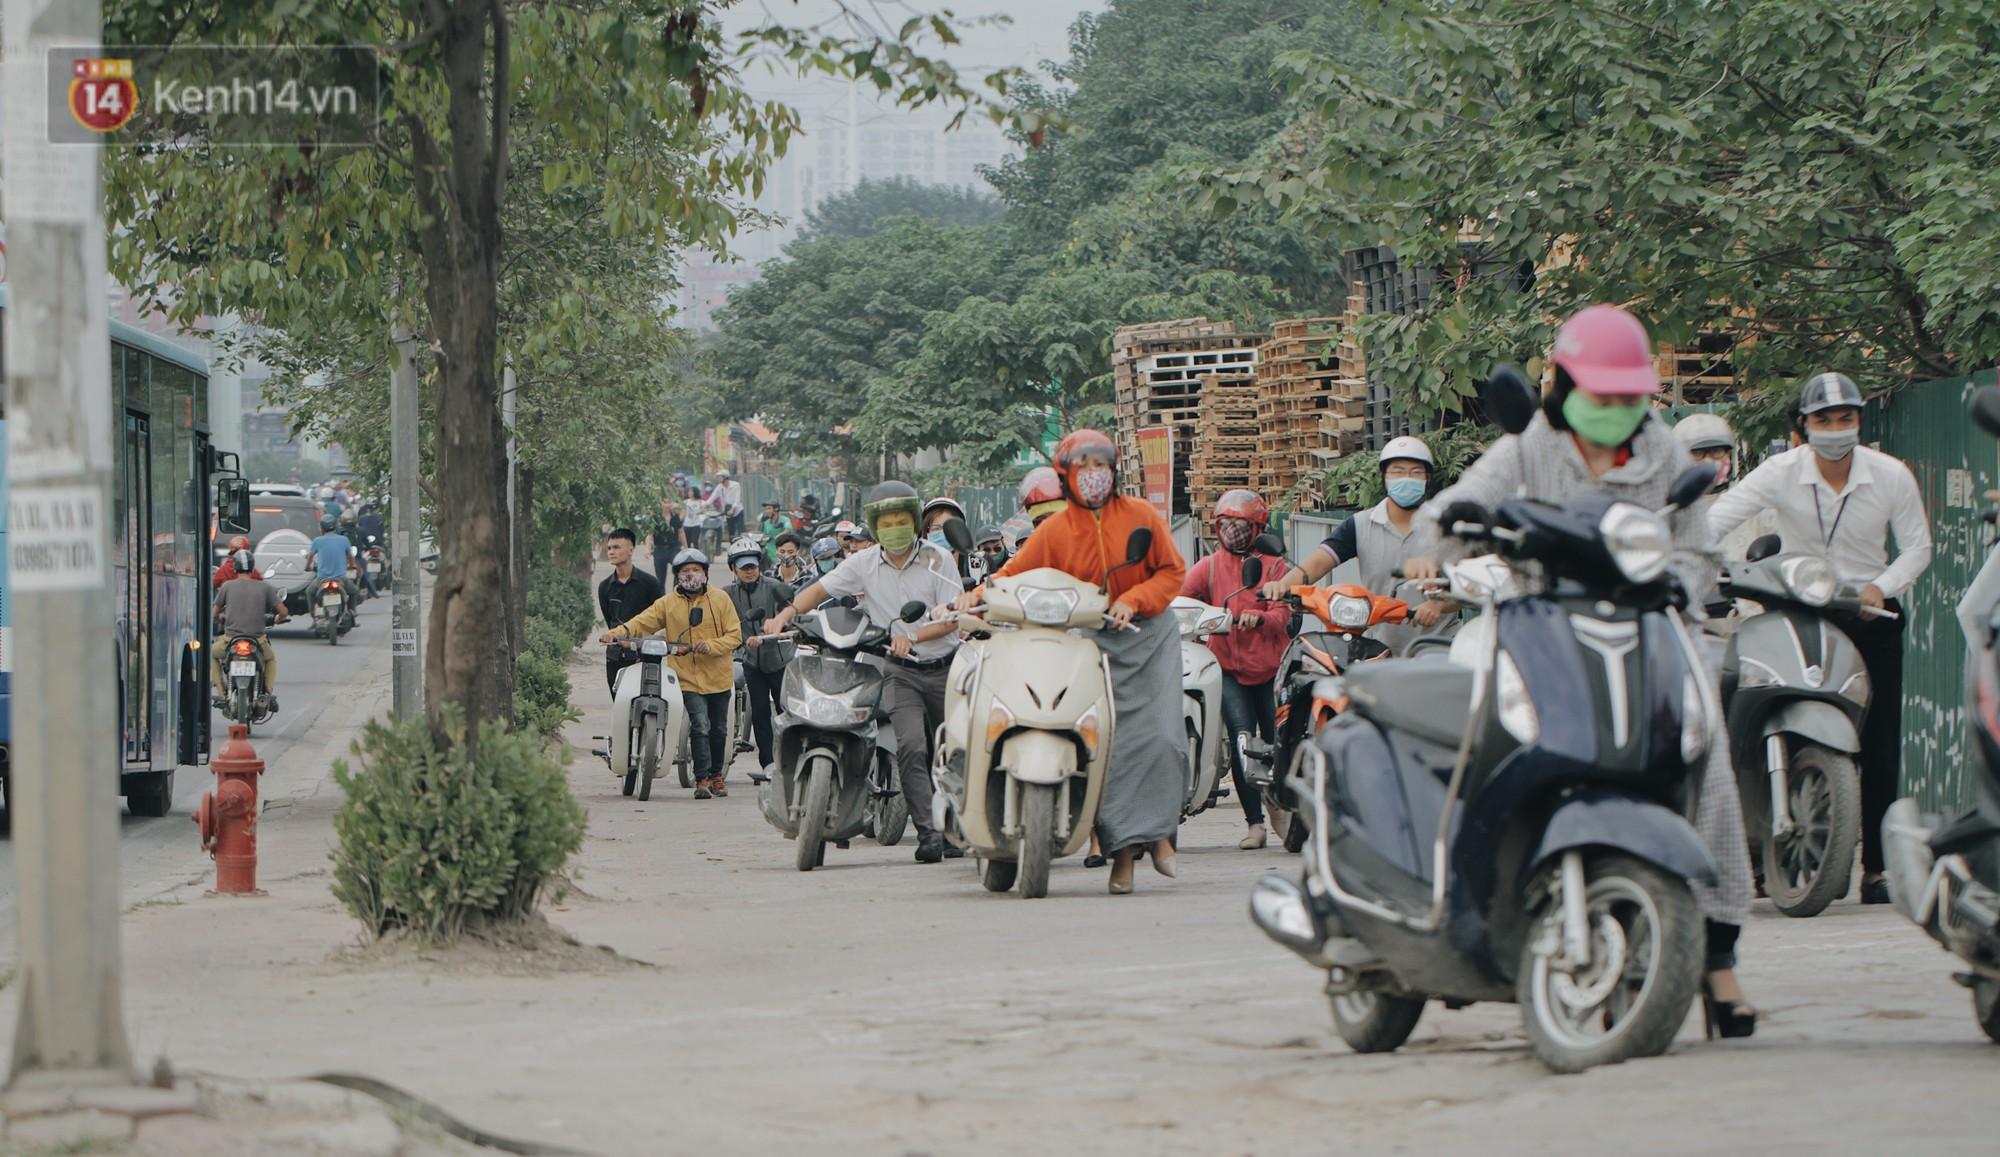 Hàng trăm người dắt xe máy ngược chiều trên vỉa hè: Dù biết là sai và đẩy như vậy mệt lắm nhưng cực chẳng đã... - Ảnh 3.